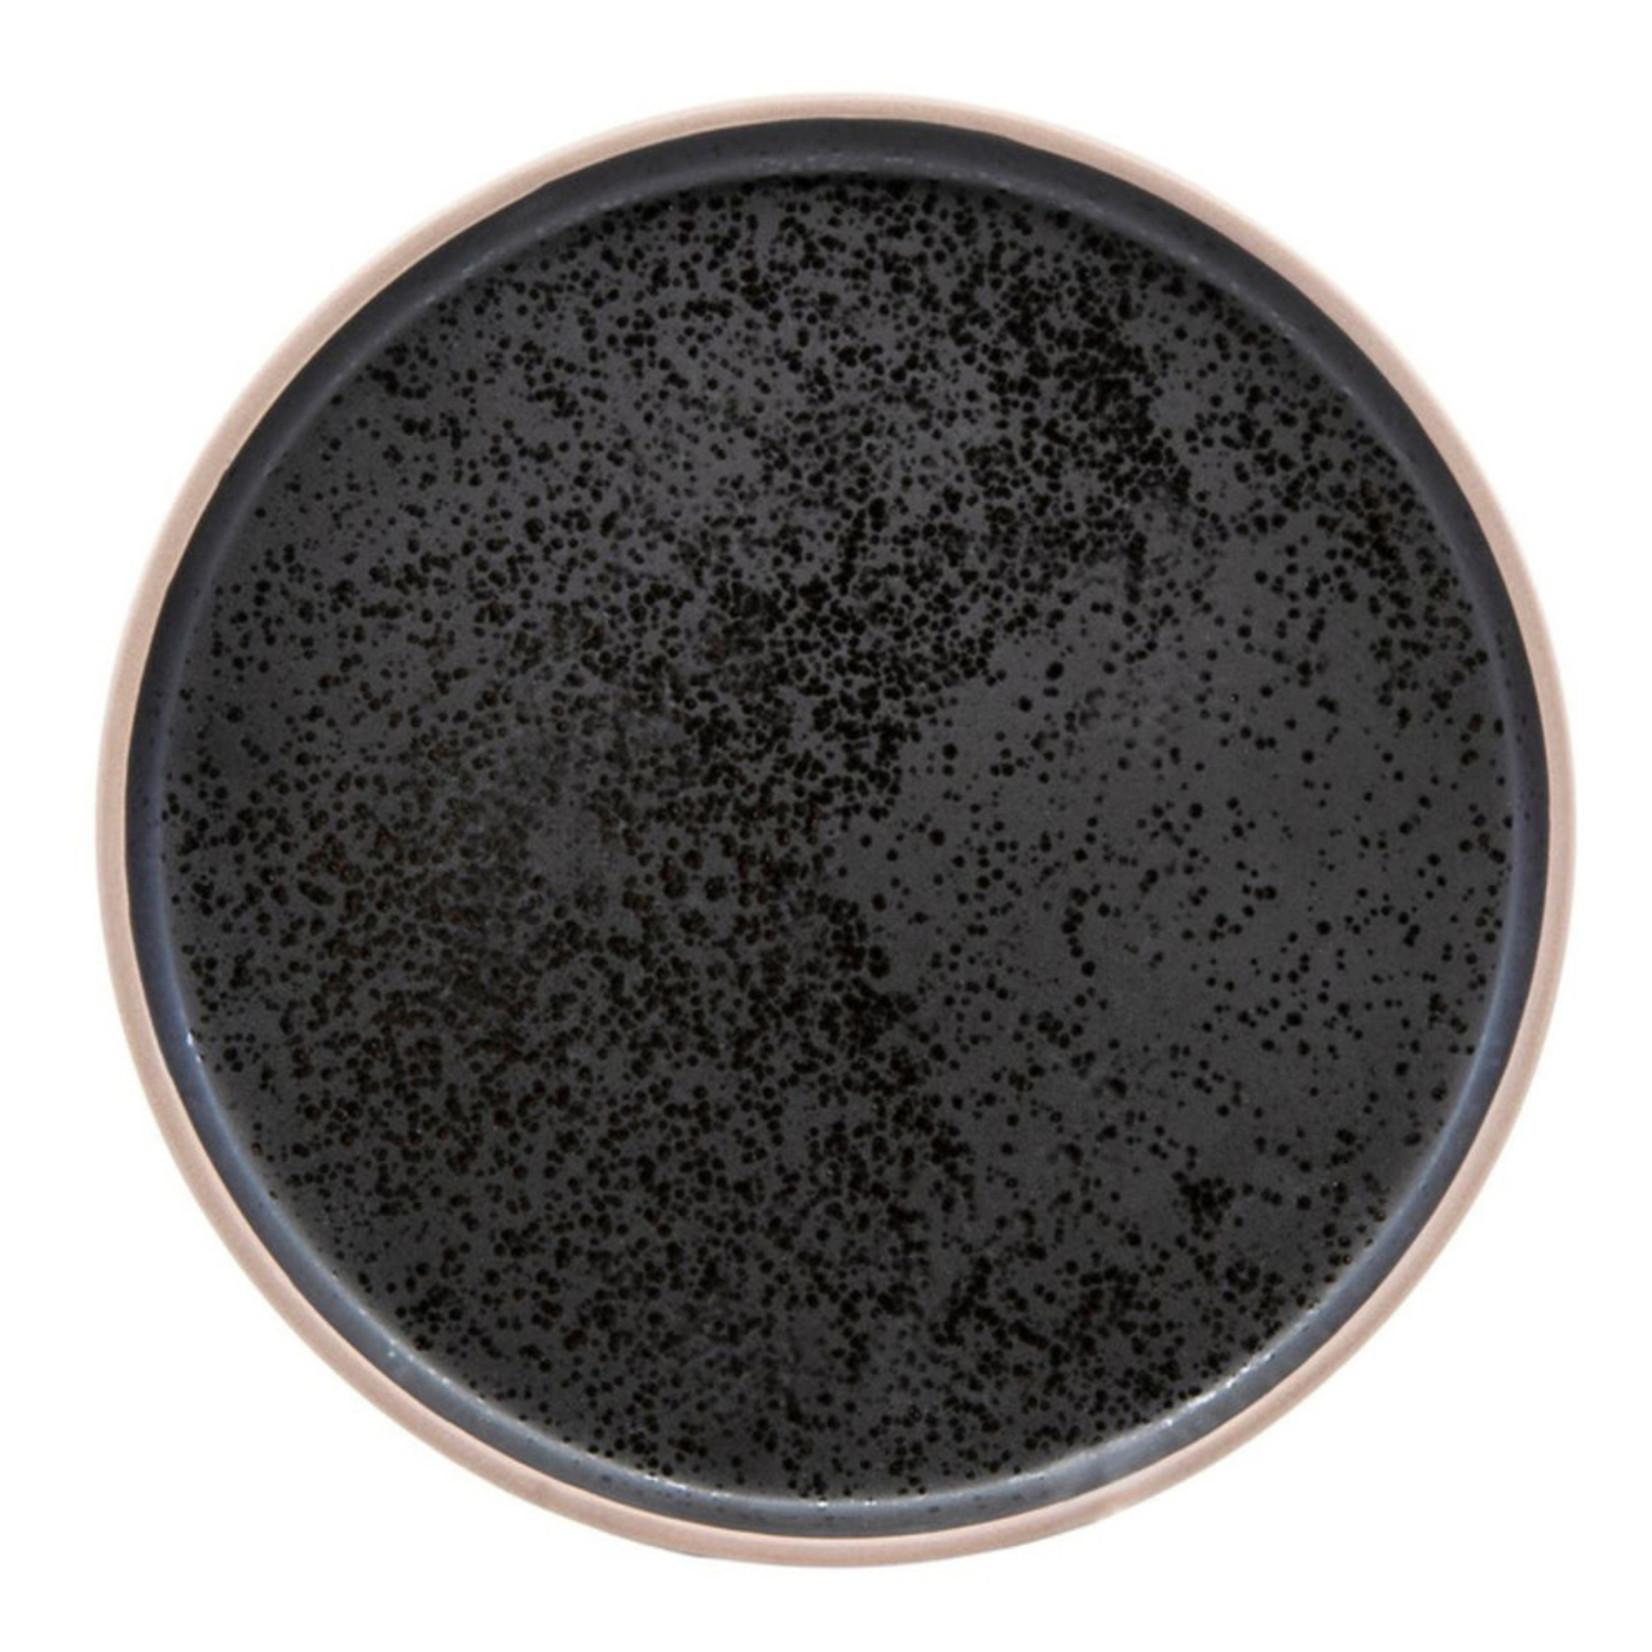 Salt & Pepper 12pc Salt & Pepper Hana Stoneware Dinner Set - Black